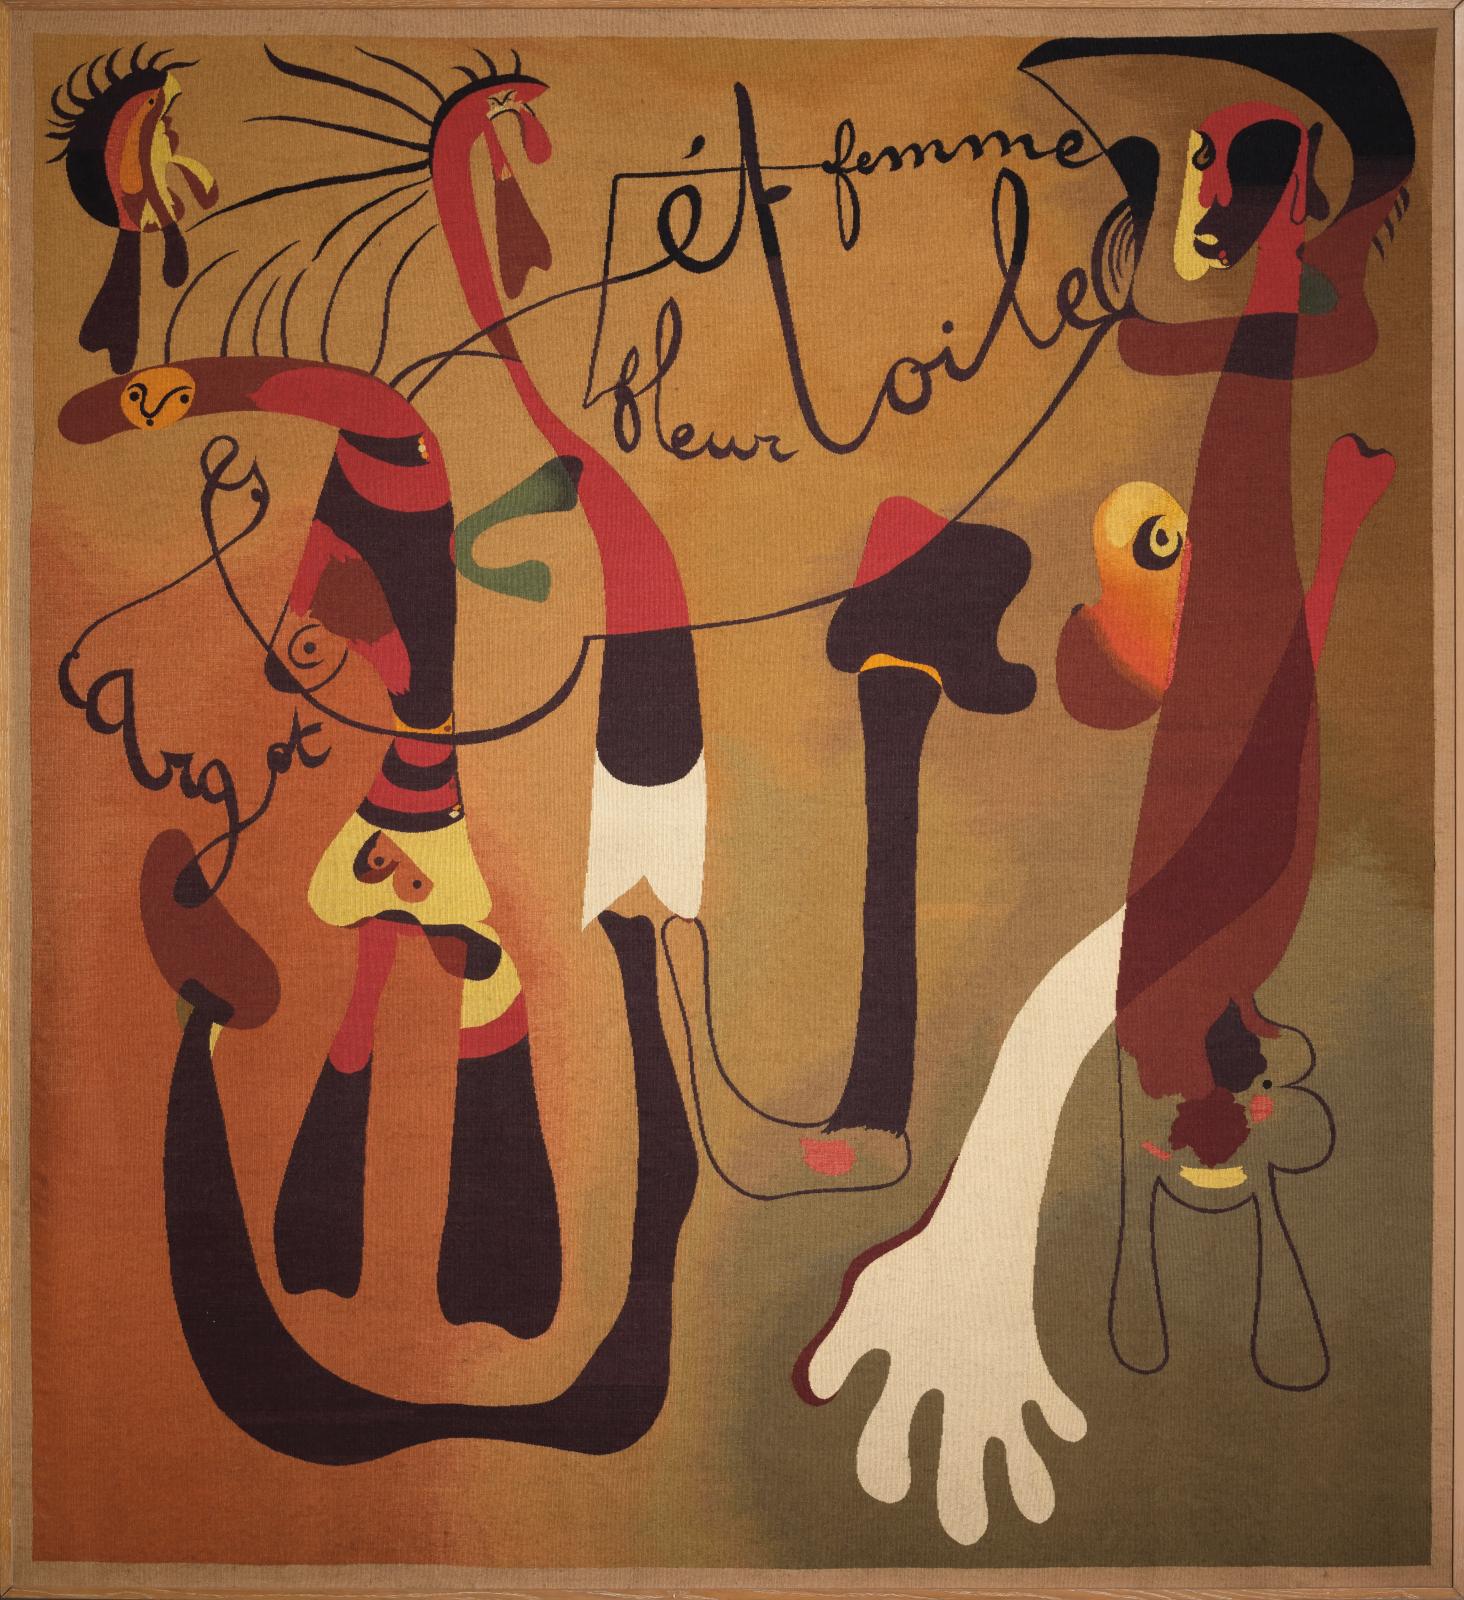 Joan Miró (1893-1983), Escargot, femme, fleur et étoile (Snail, Woman, Flower and Star), 1934-1936, tapestry woven by hand under the direction of Marie Cuttoli. Atelier Delarbre, 200 x 172 cm/78.74 x 67.71 in. © Successió Miró/Adagp, Paris, 2021 Estimate: €100,000/150,000